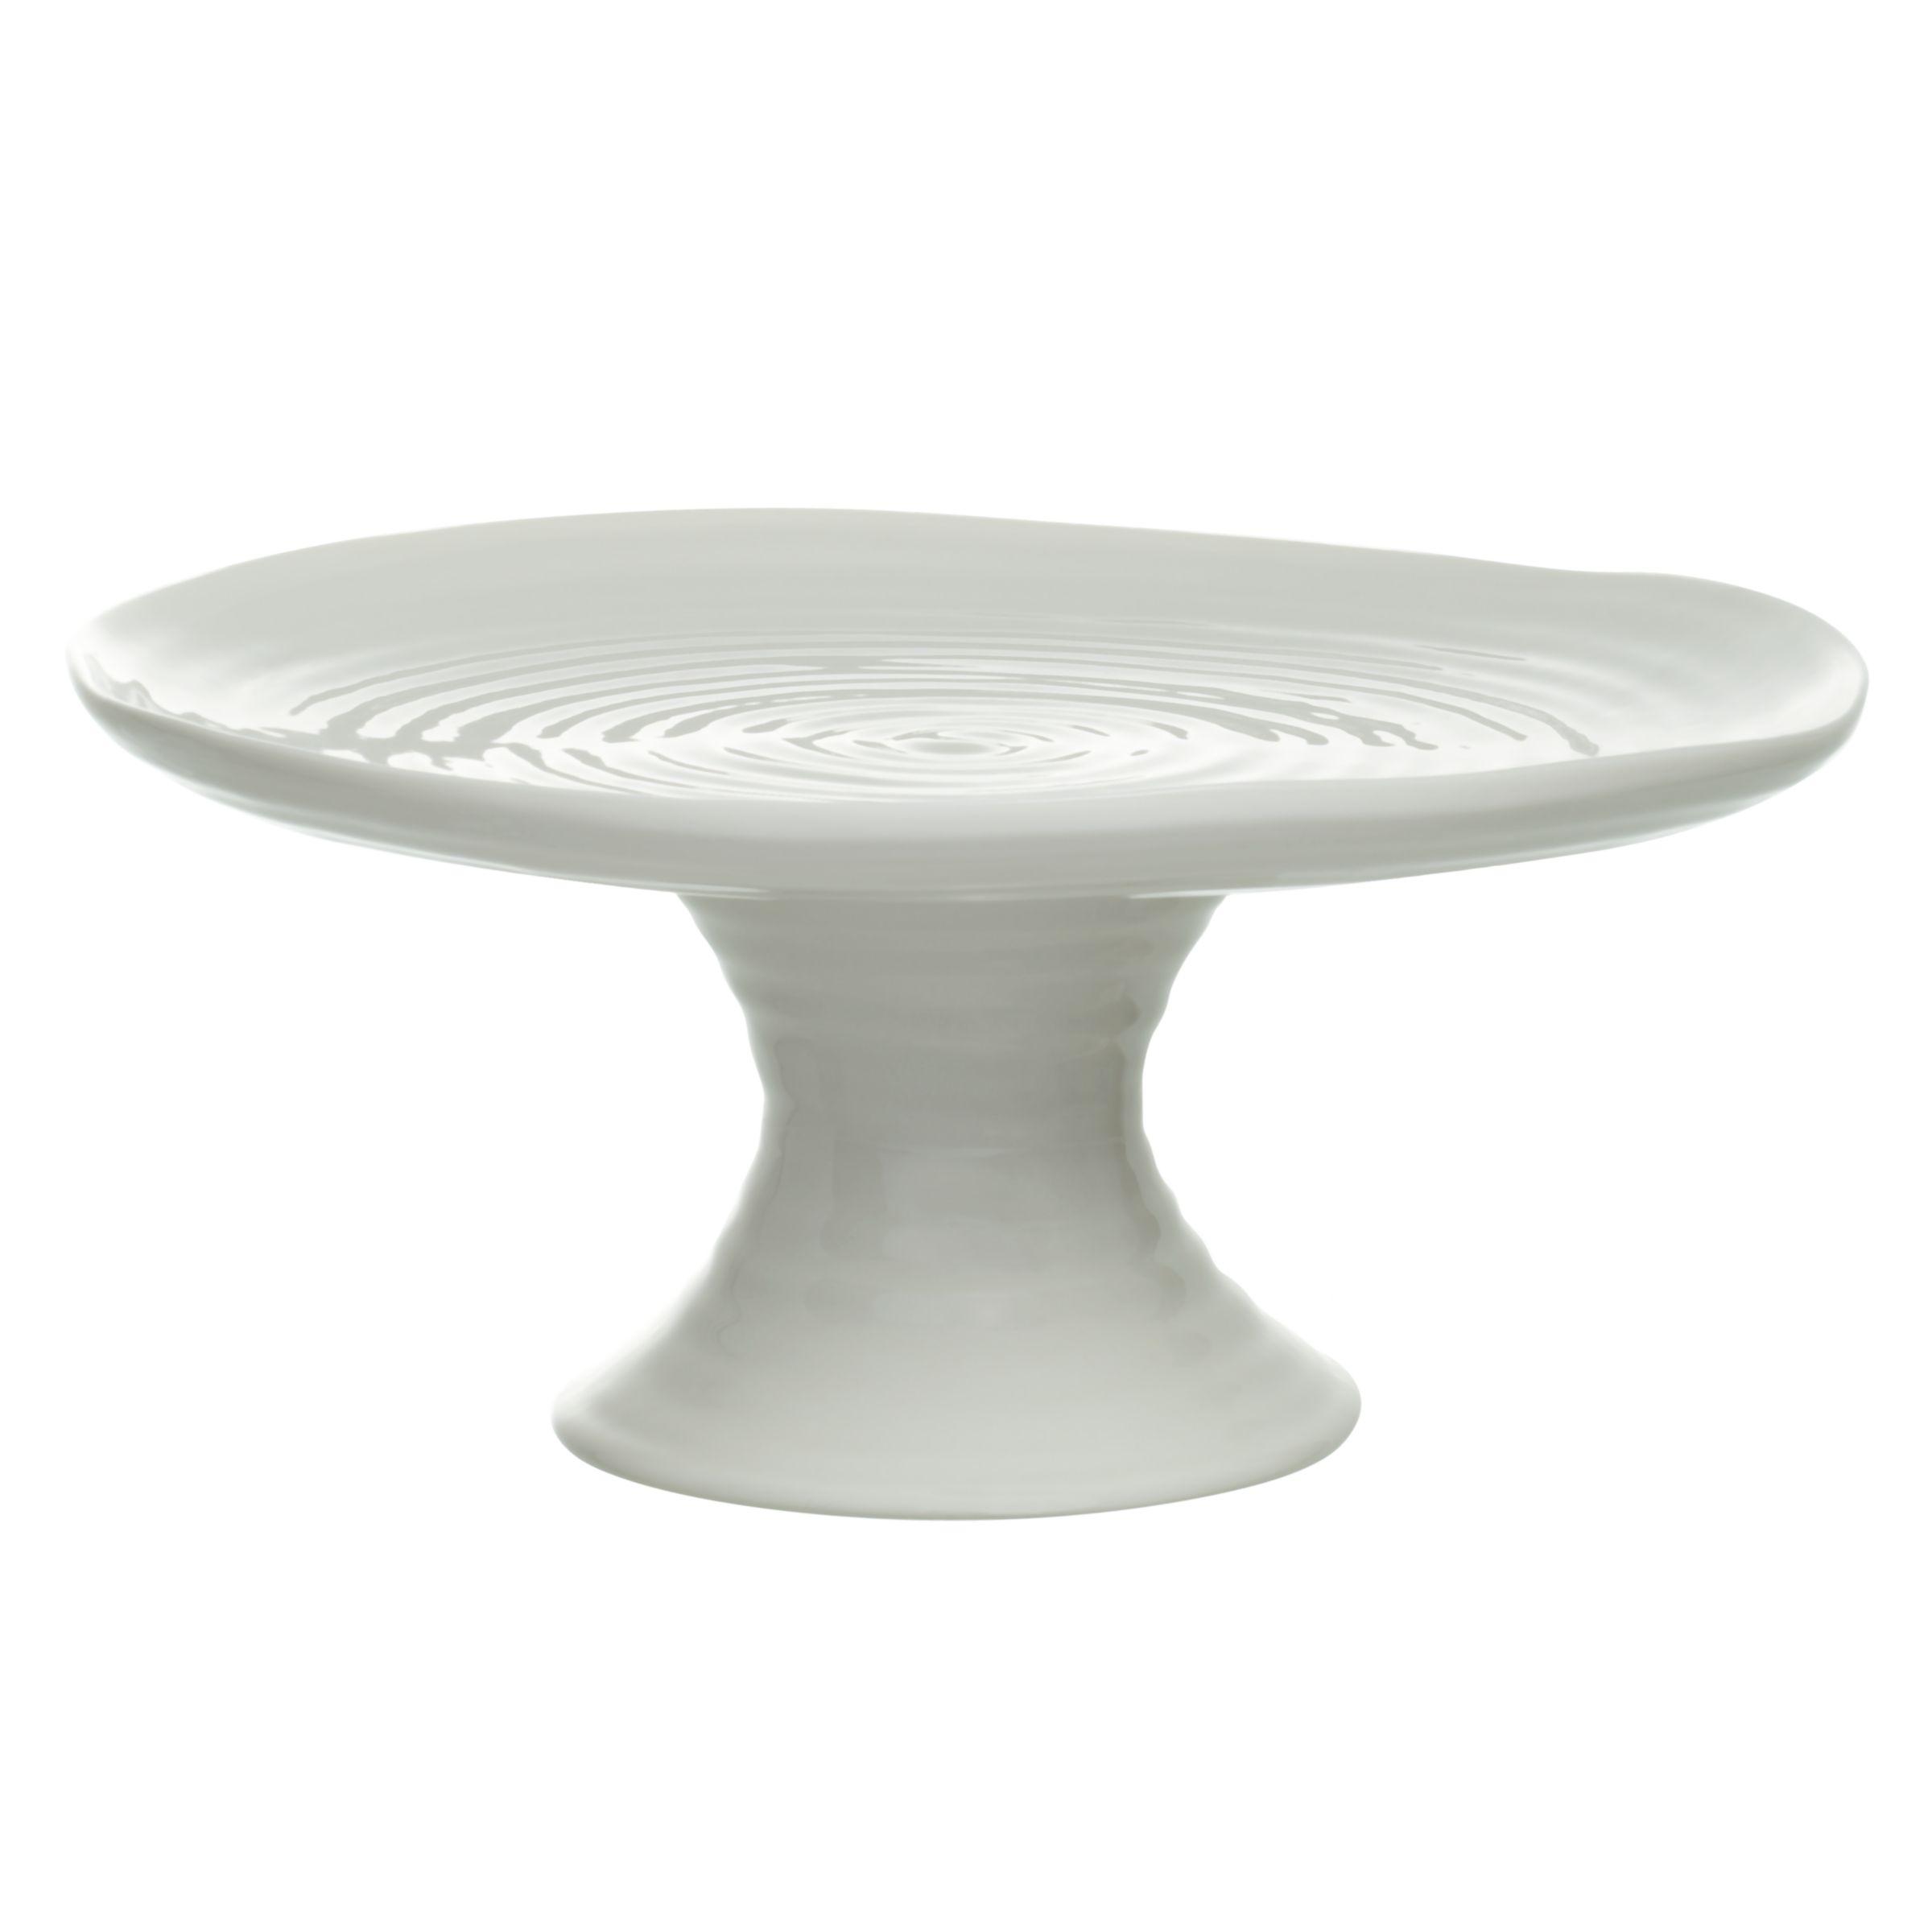 Sophie Conran for Portmeirion Sophie Conran for Portmeirion Footed Cake Plate, White, Dia.24cm